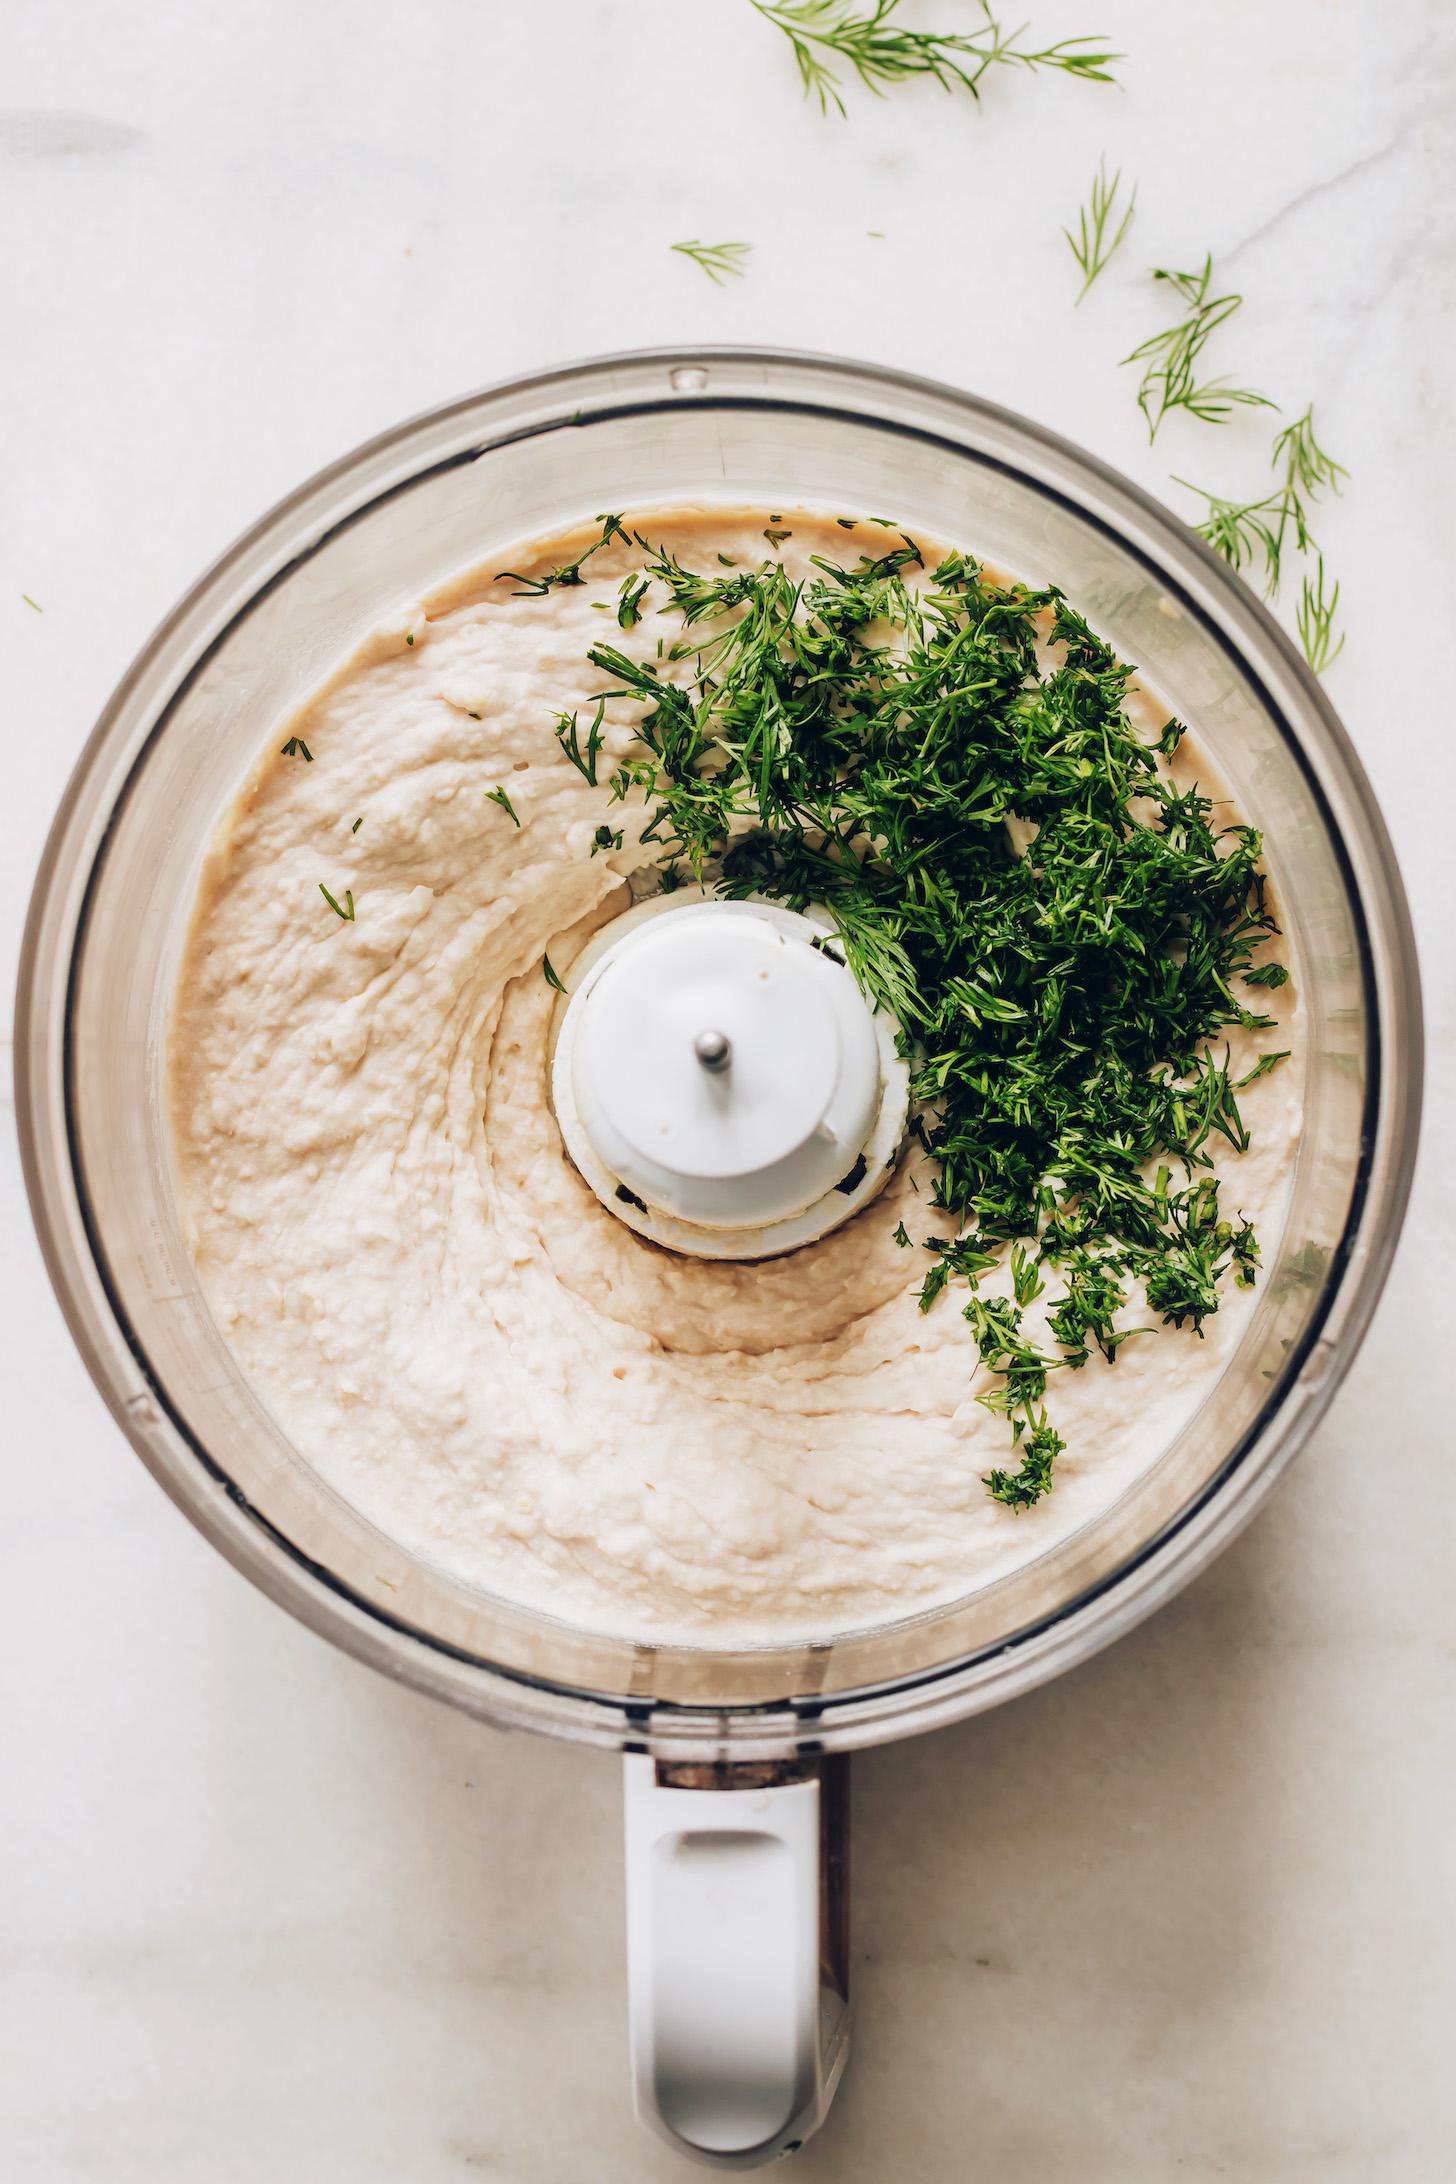 Кухонный комбайн хумуса из белой фасоли, посыпанный свежим укропом